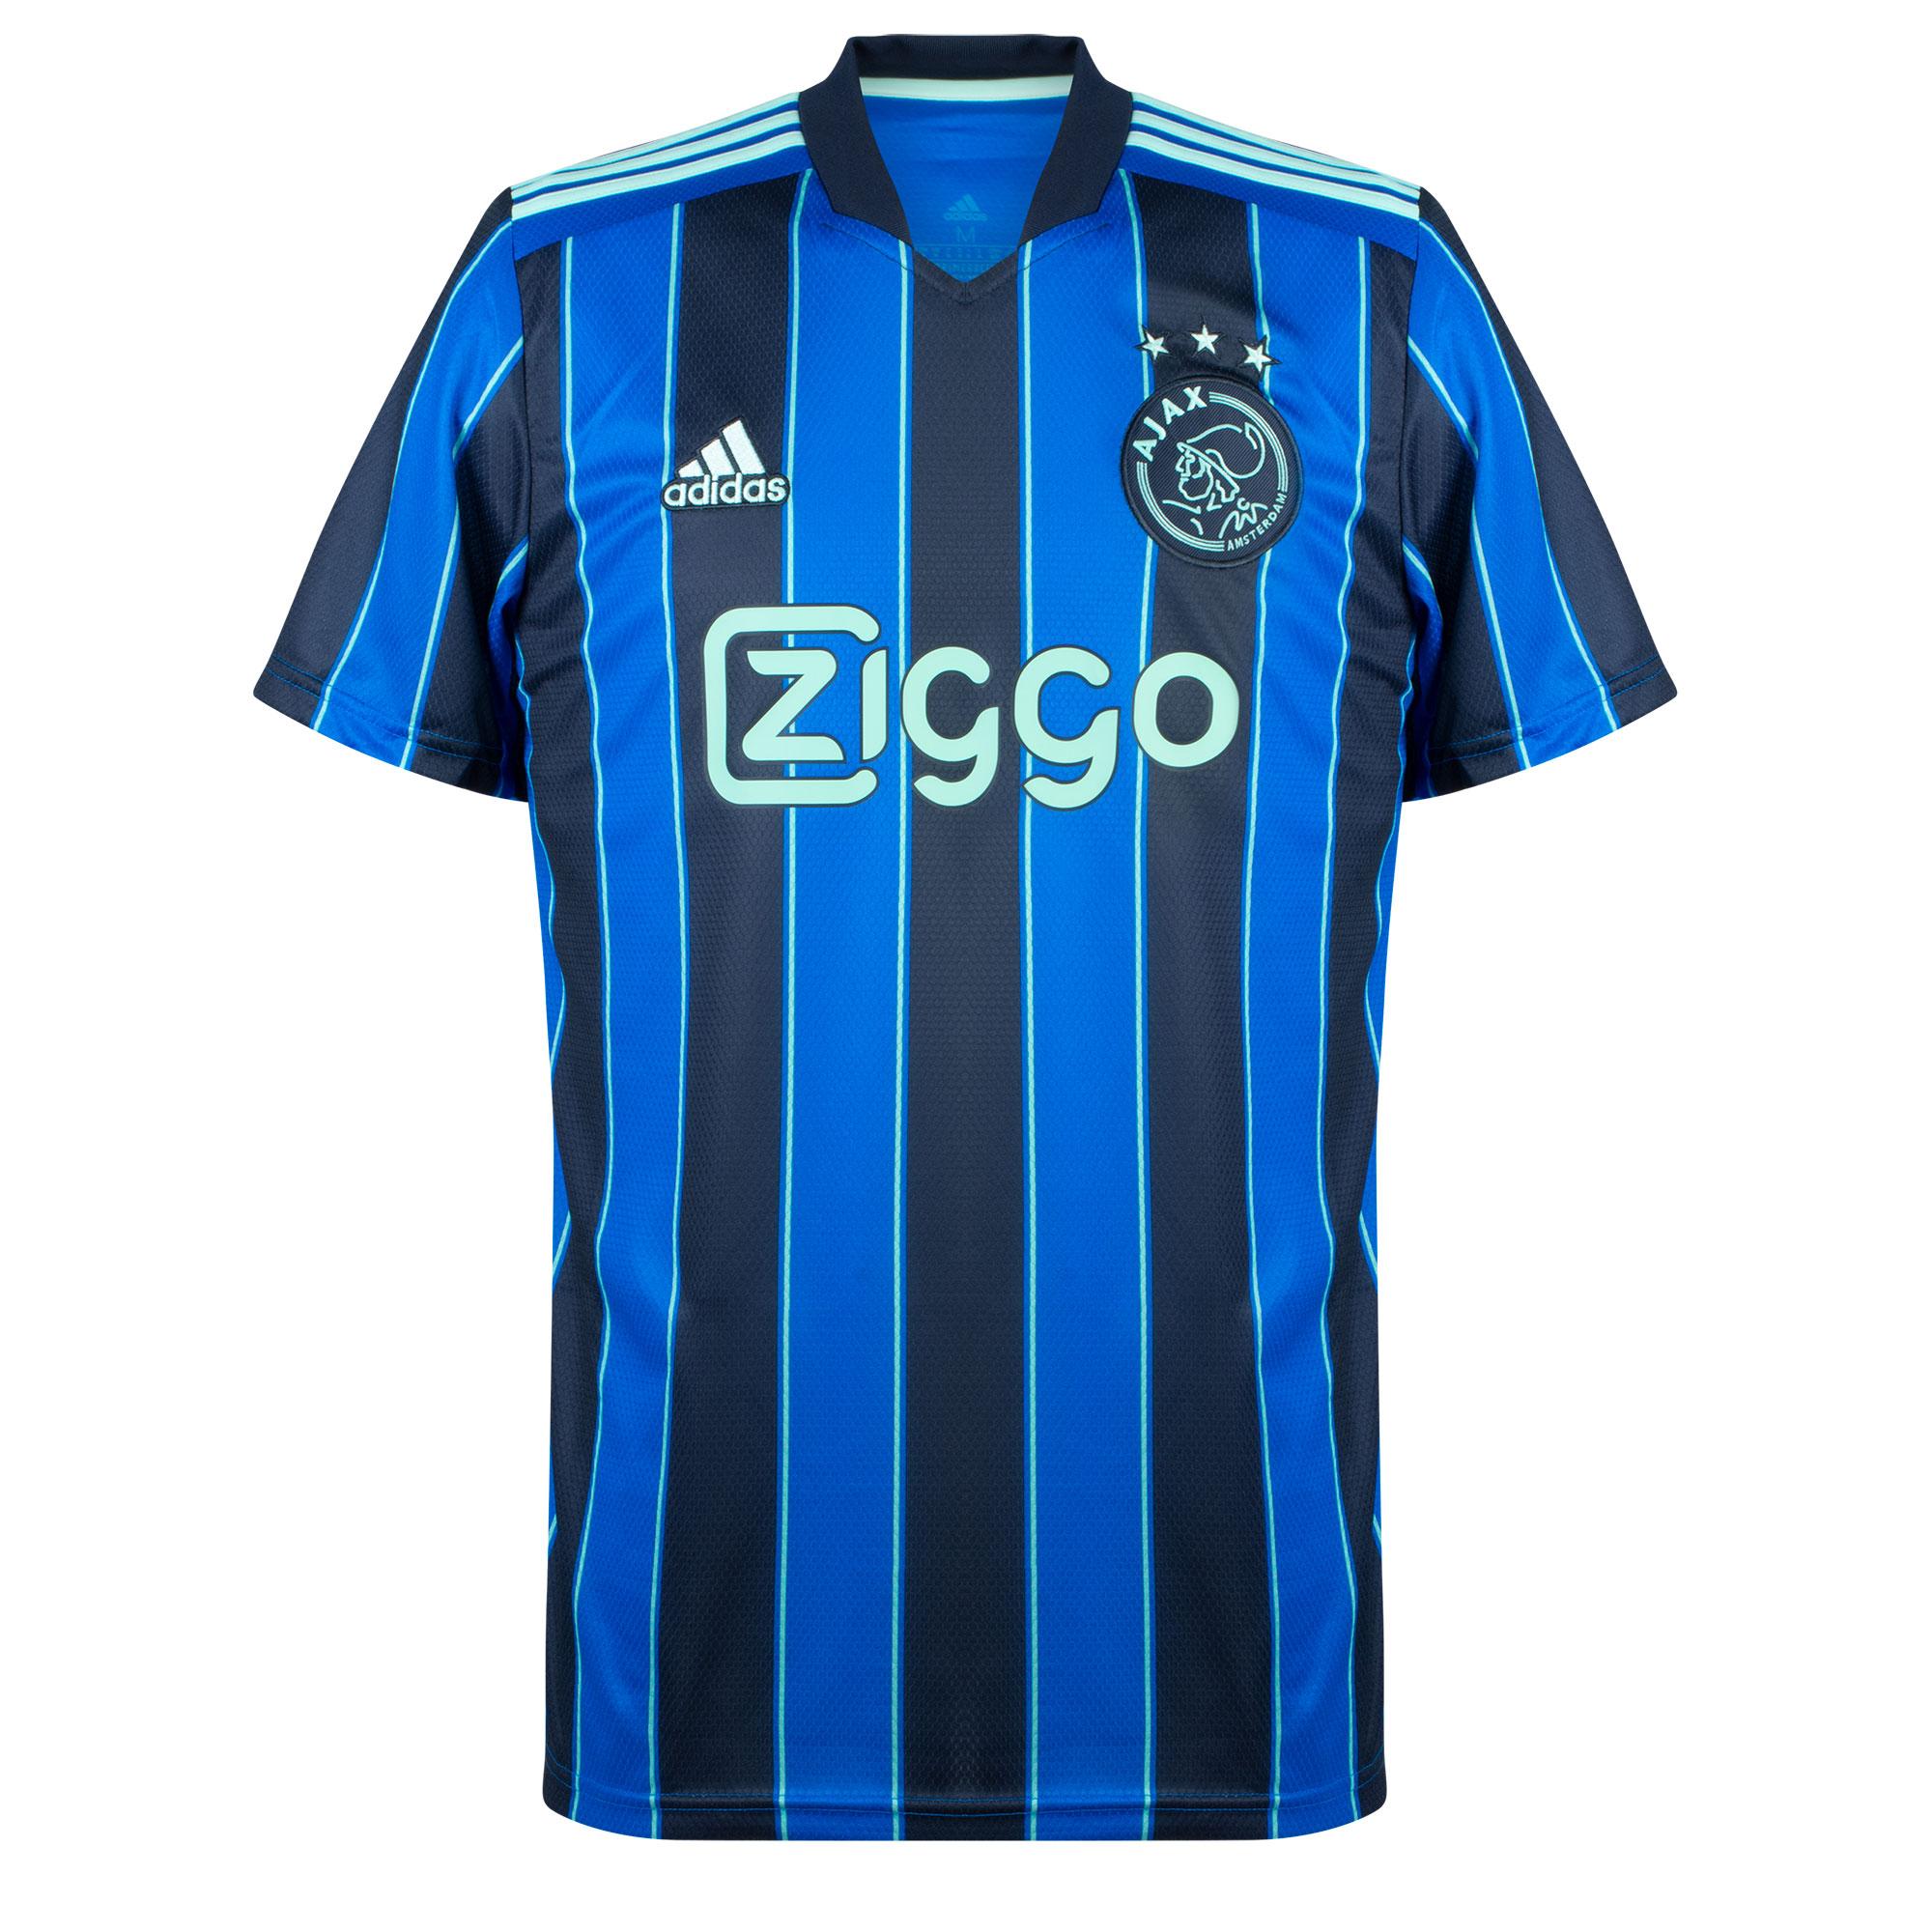 adidas Ajax Away Shirt 2021-2022